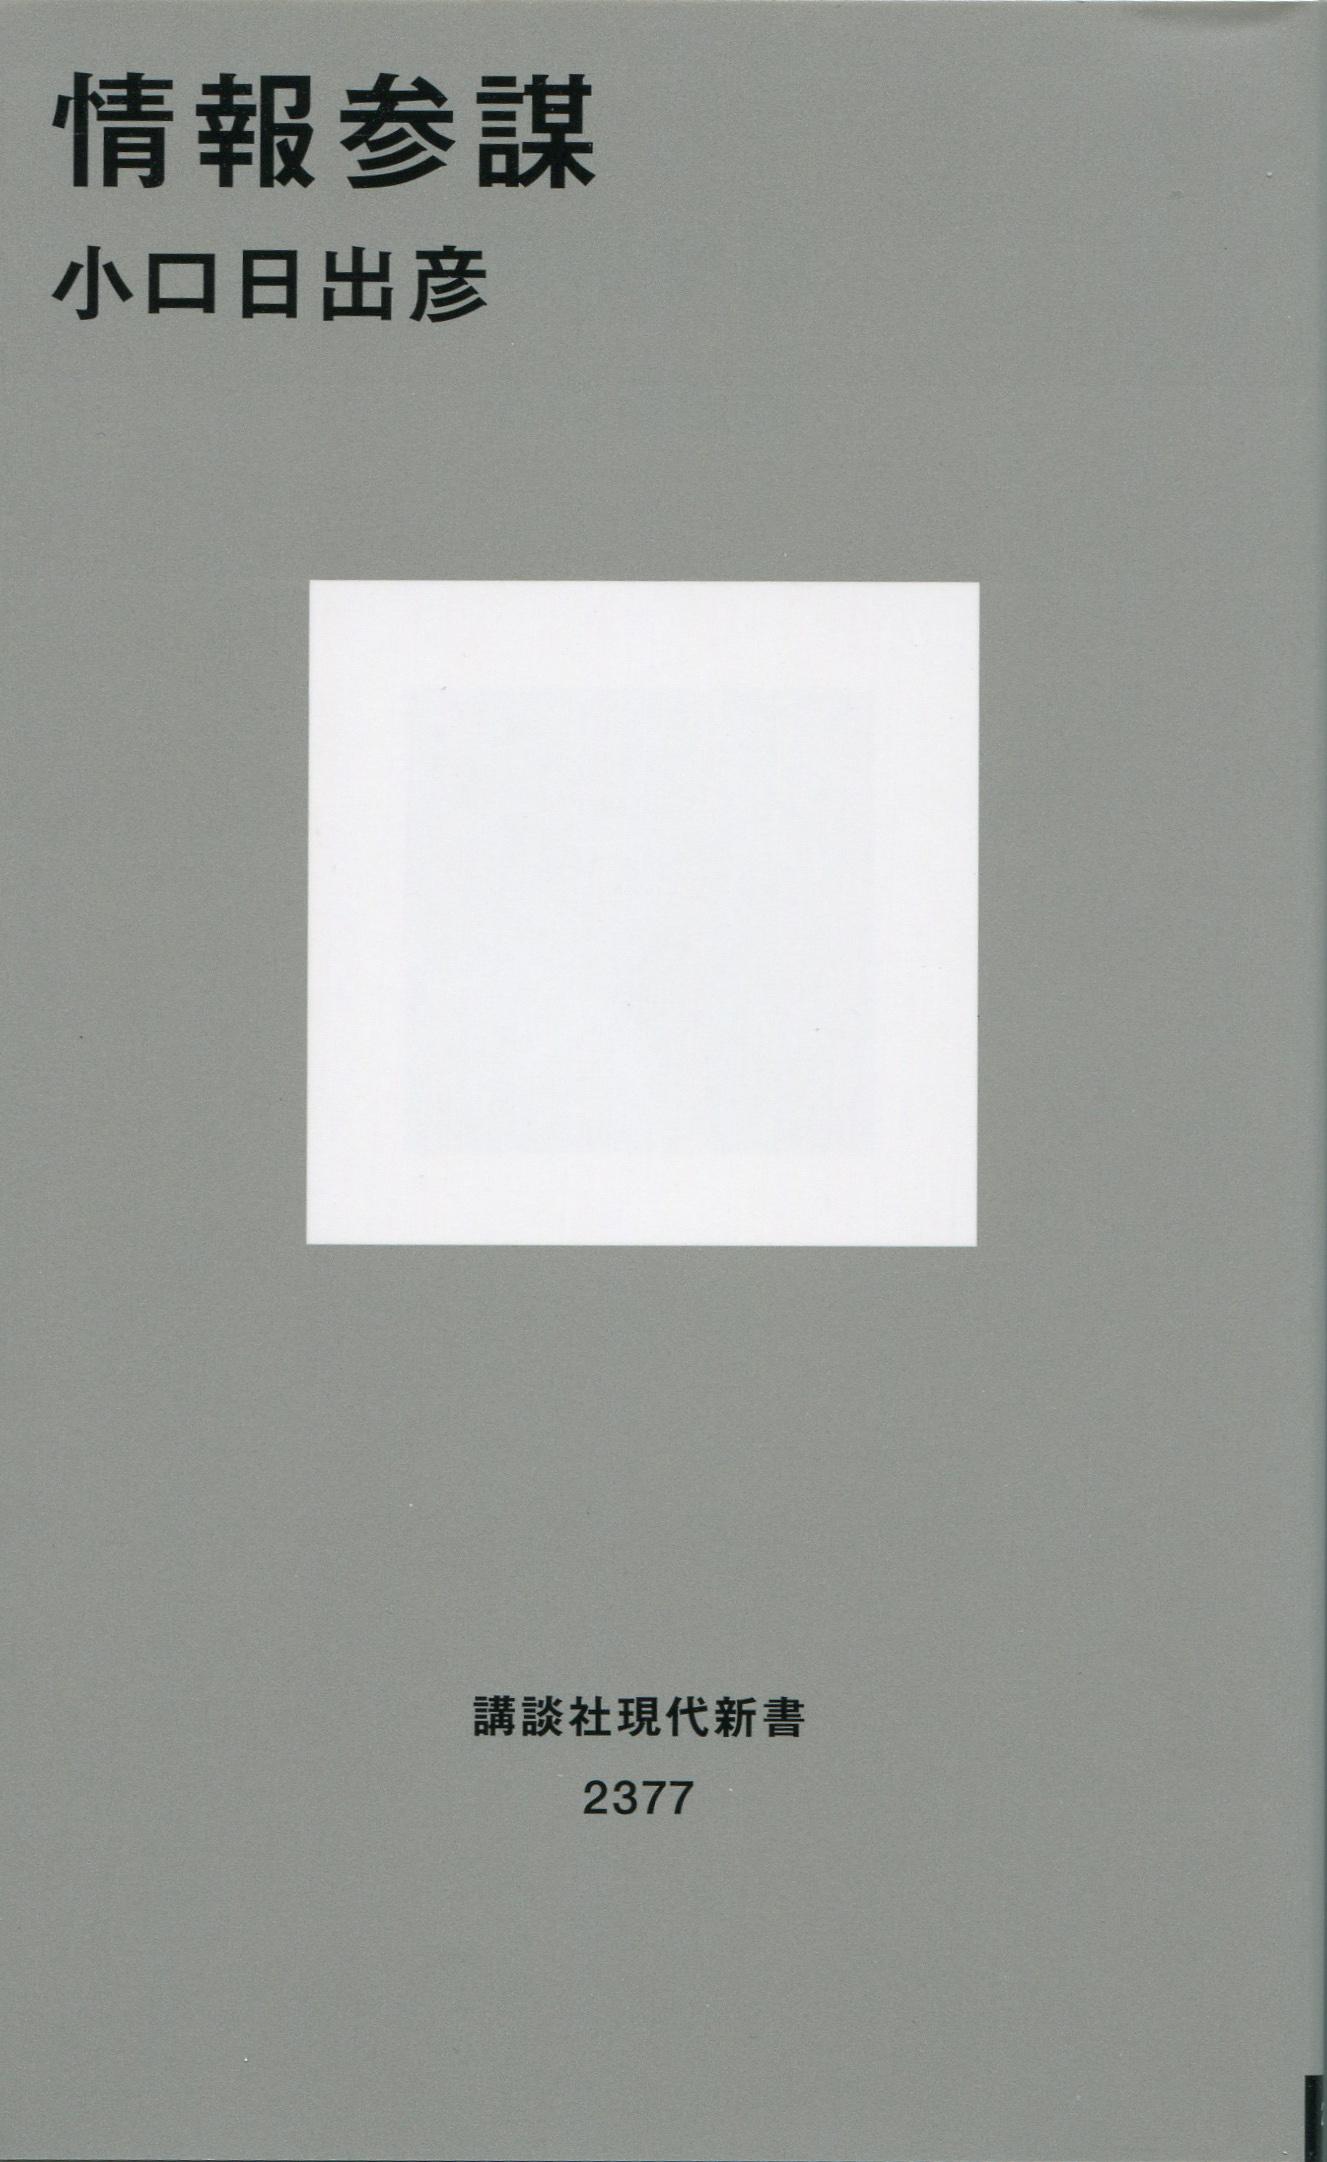 情報参謀のコピー.jpg